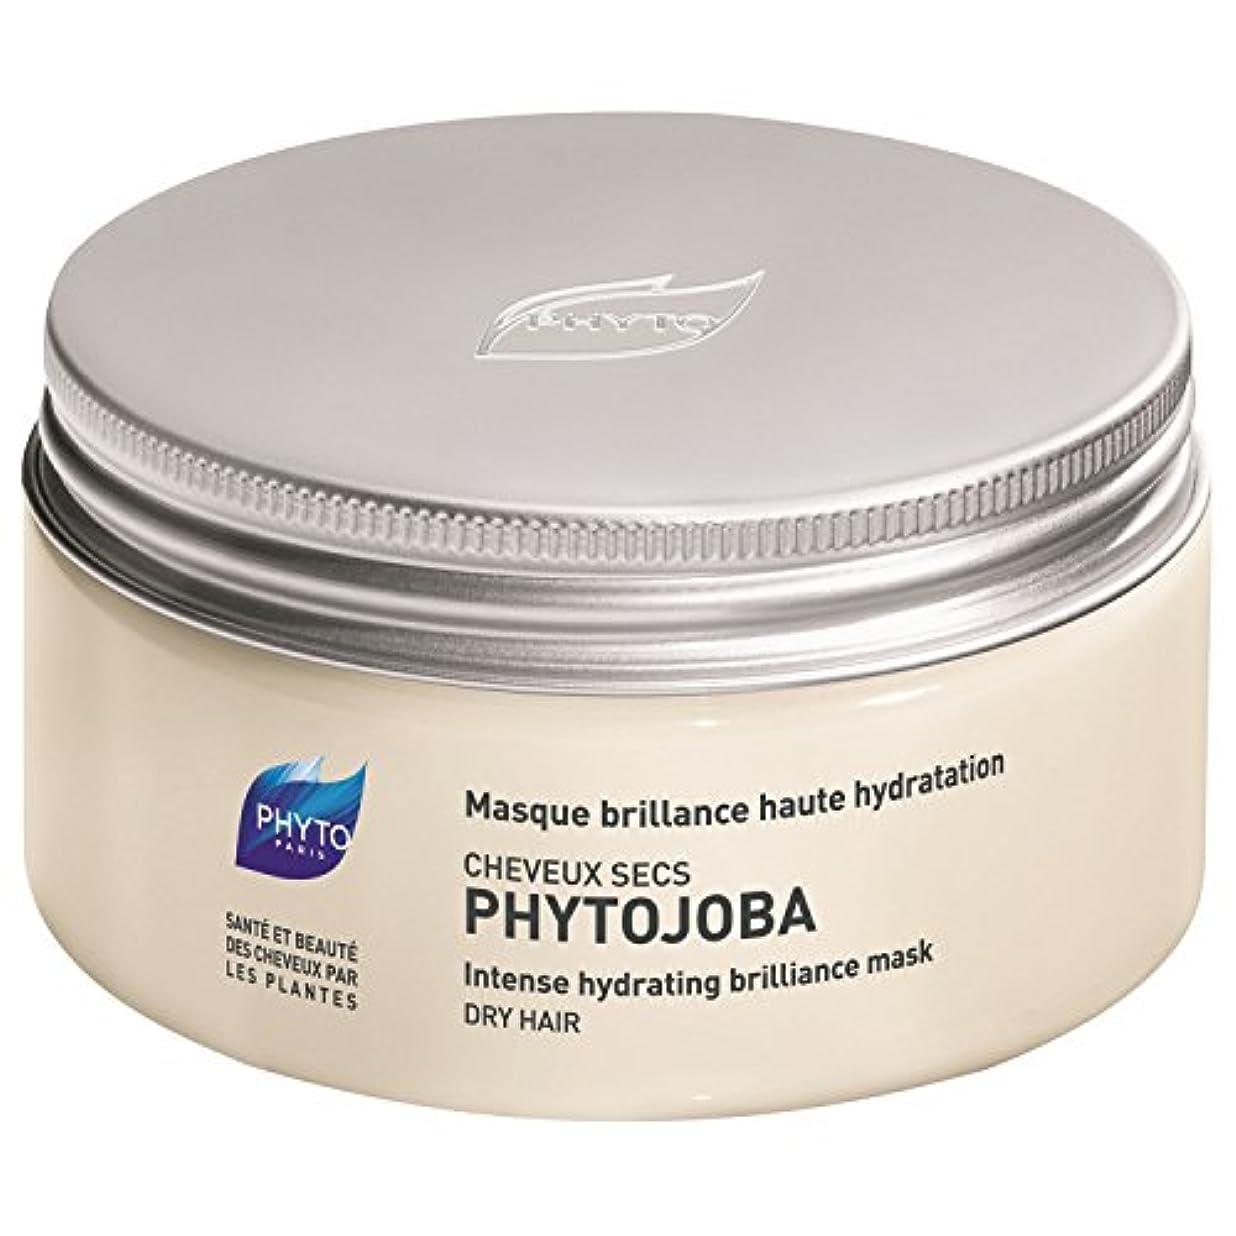 農学感染する意義フィトPhytojoba強烈な水分補給マスク200ミリリットル (Phyto) (x2) - Phyto Phytojoba Intense Hydrating Mask 200ml (Pack of 2) [並行輸入品]